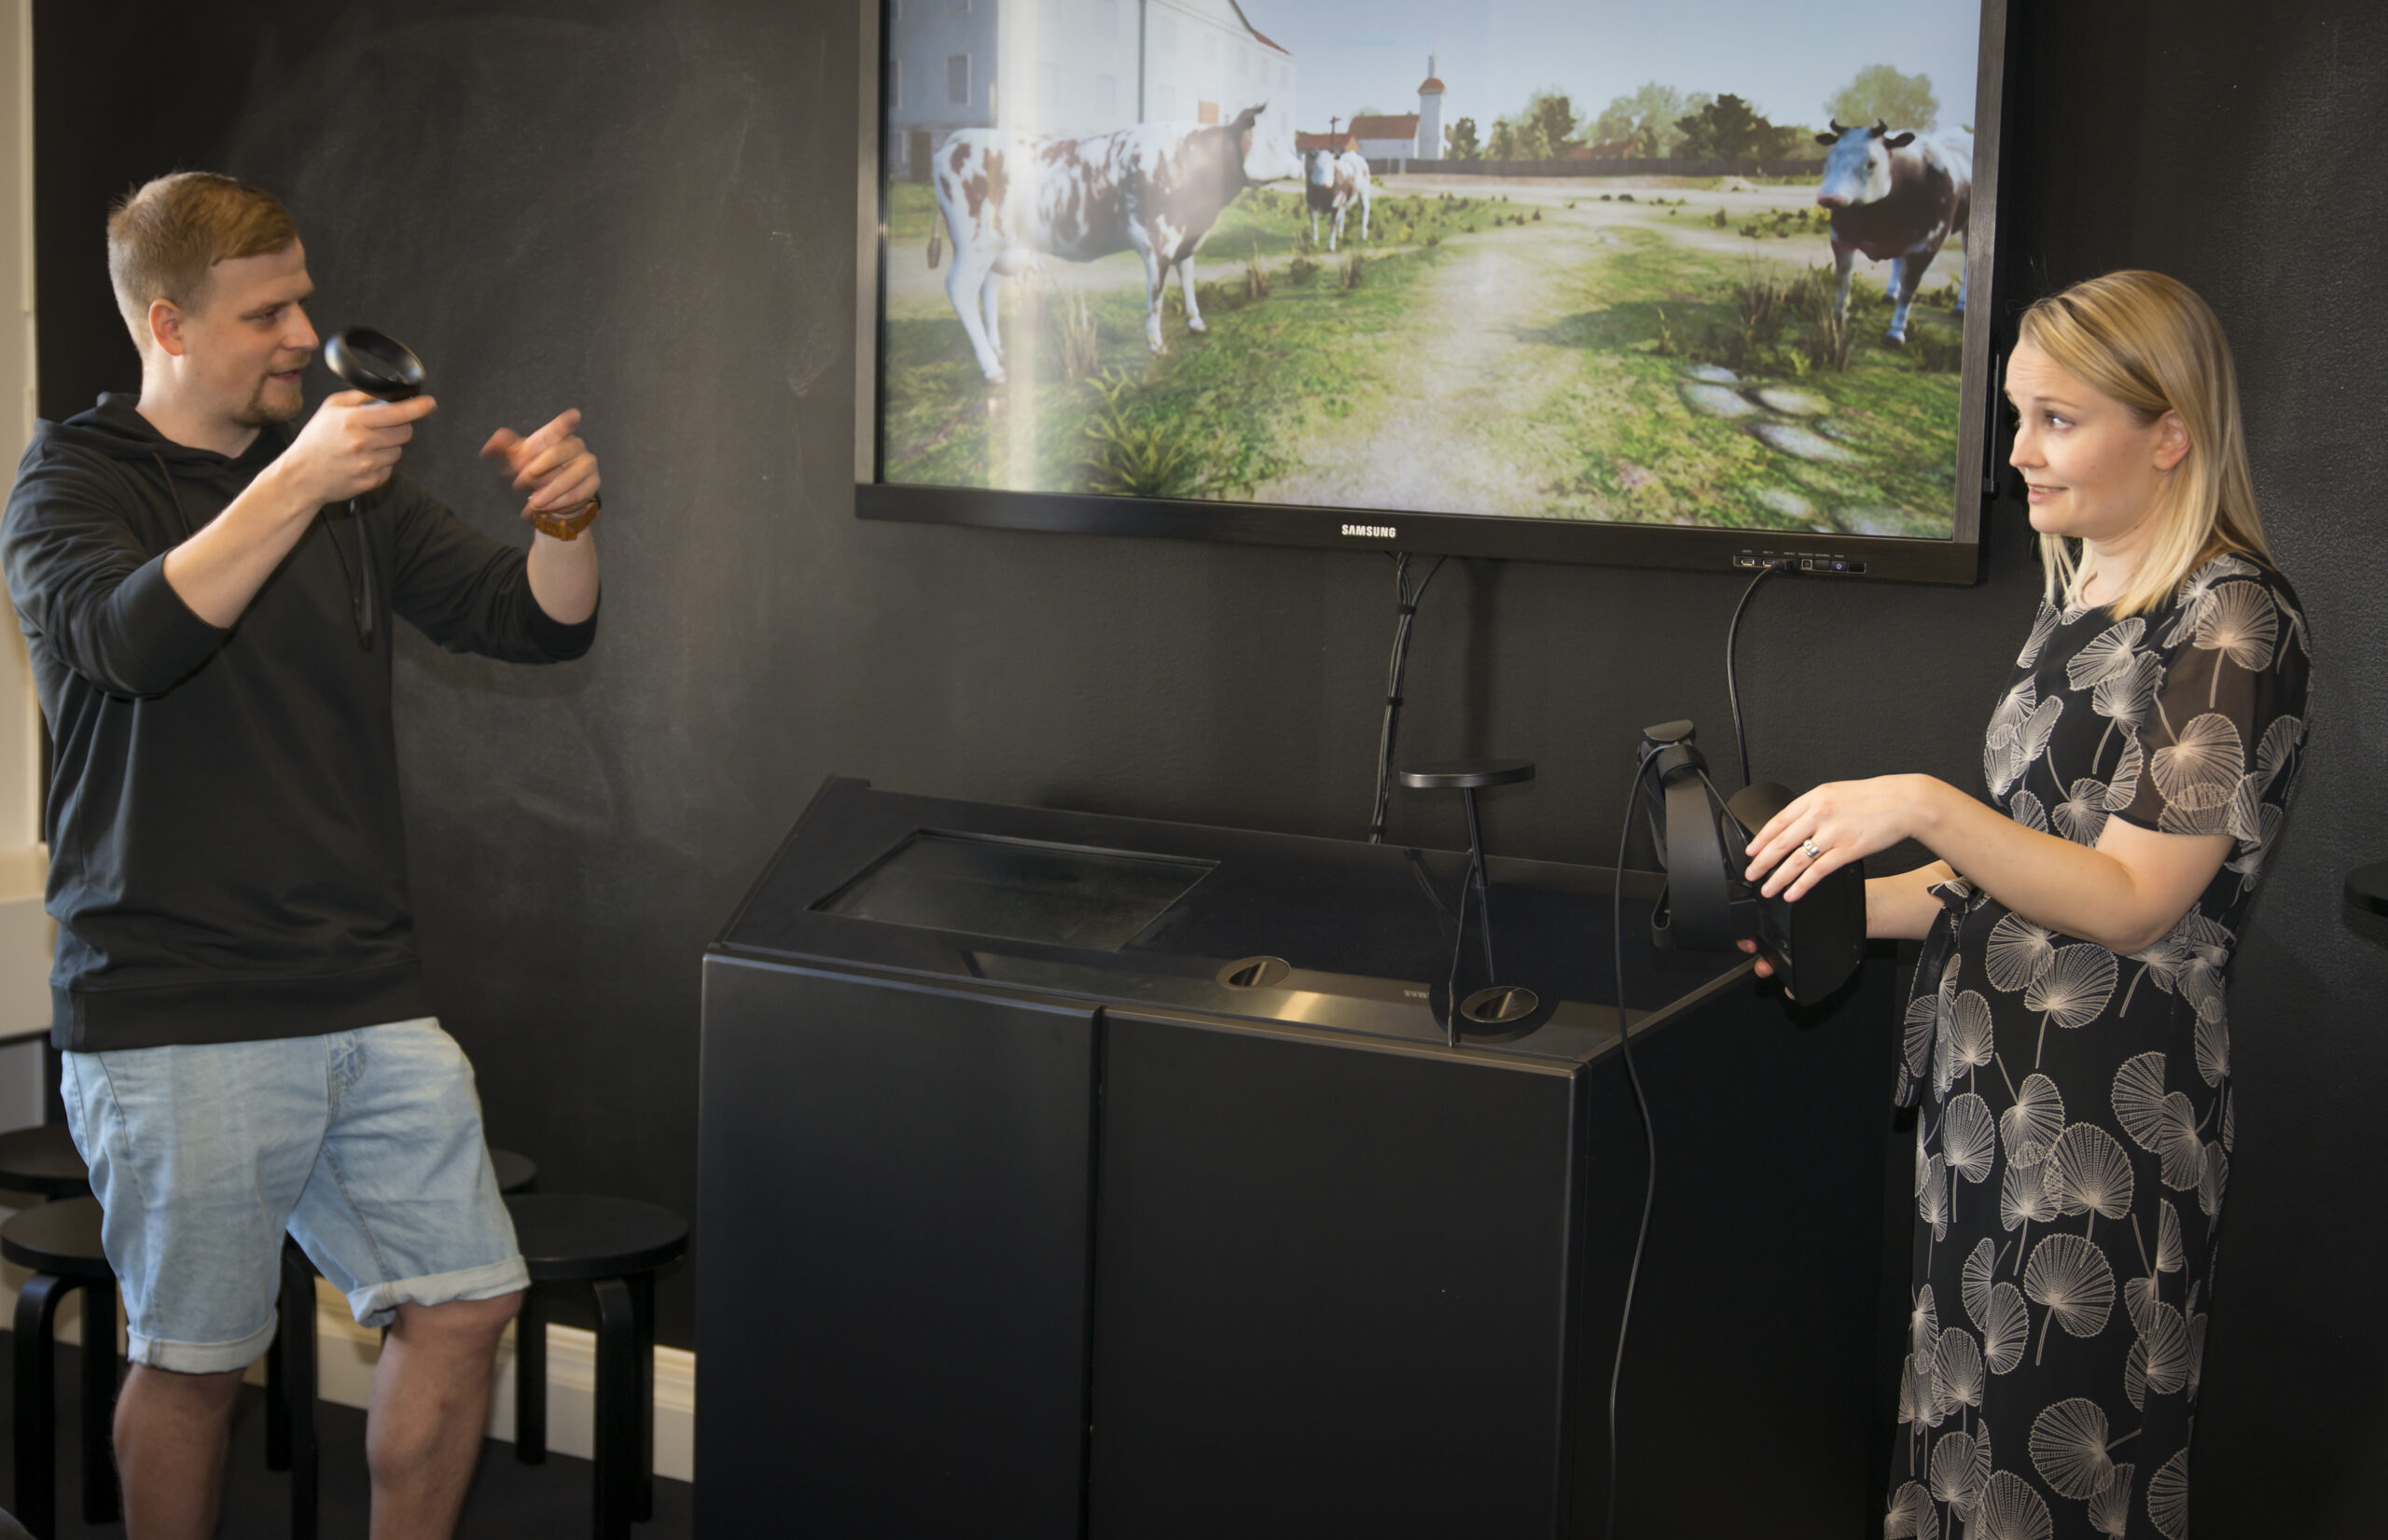 Mies ja nainen seisovat ison näytön vierellä, naisella kädessä virtuaalitodellisuuslasit.